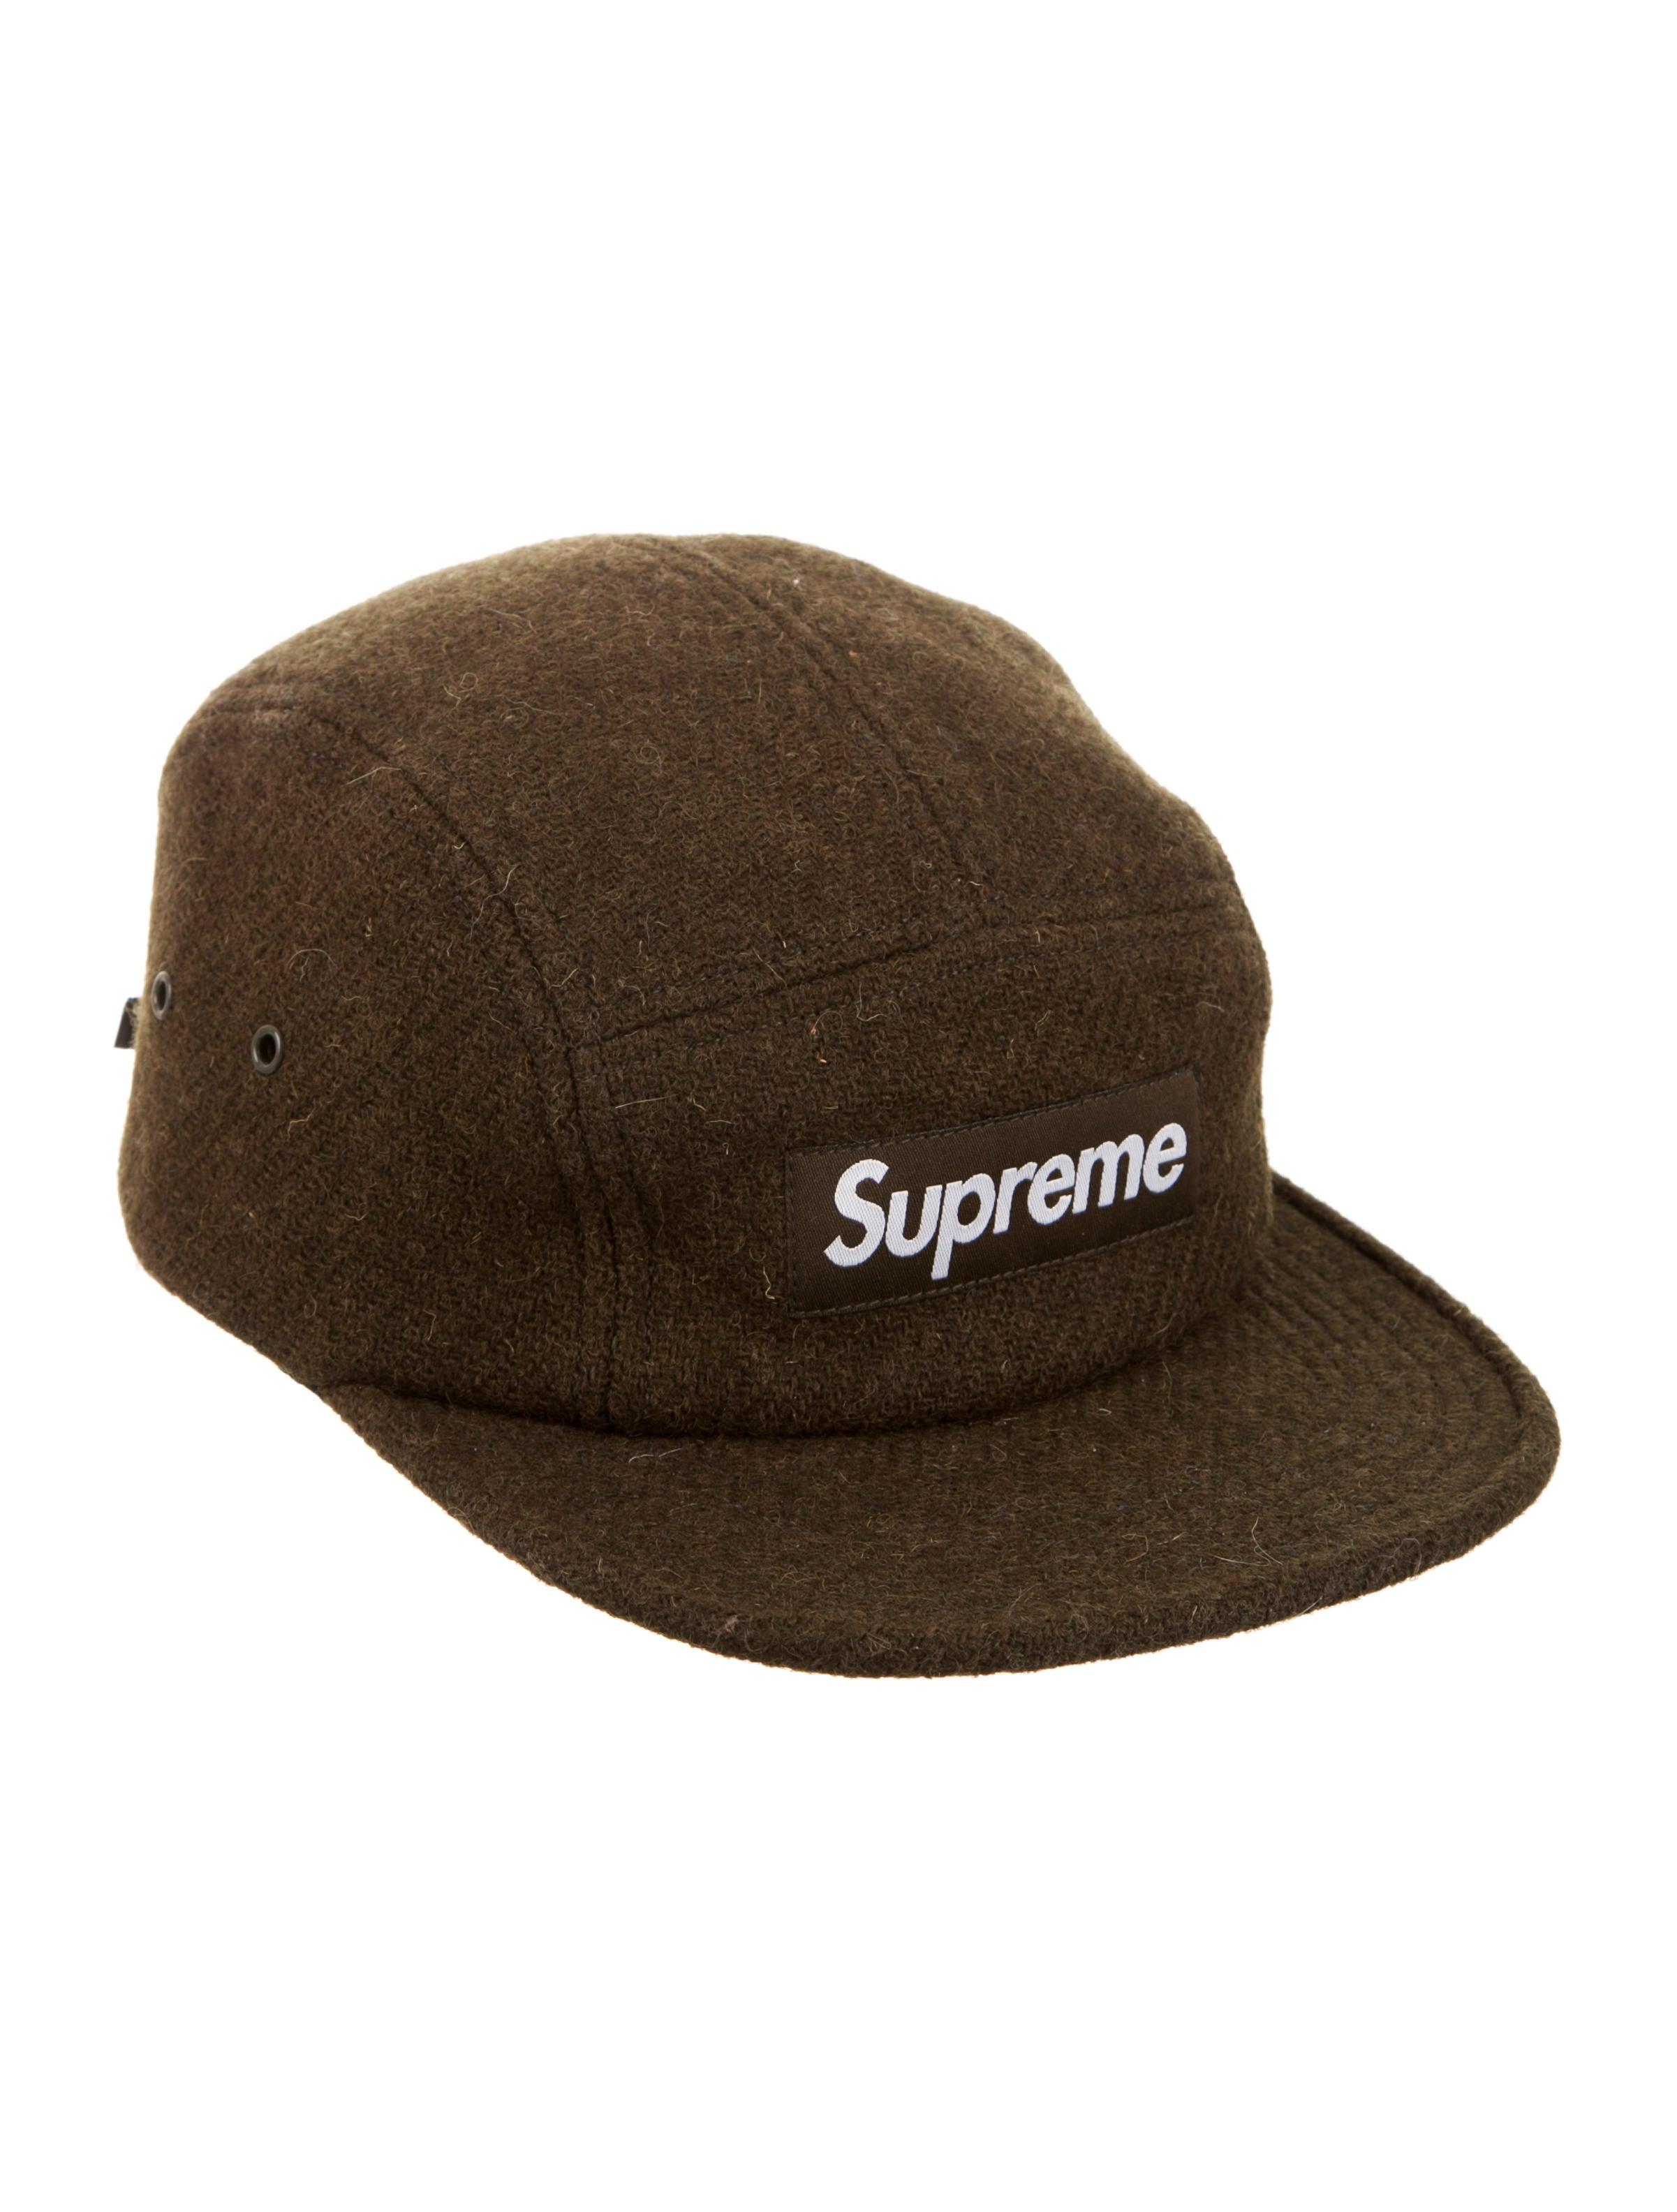 Supreme Harris Tweed® Camp Cap - Accessories - WSPME22866  ccef3e8b769